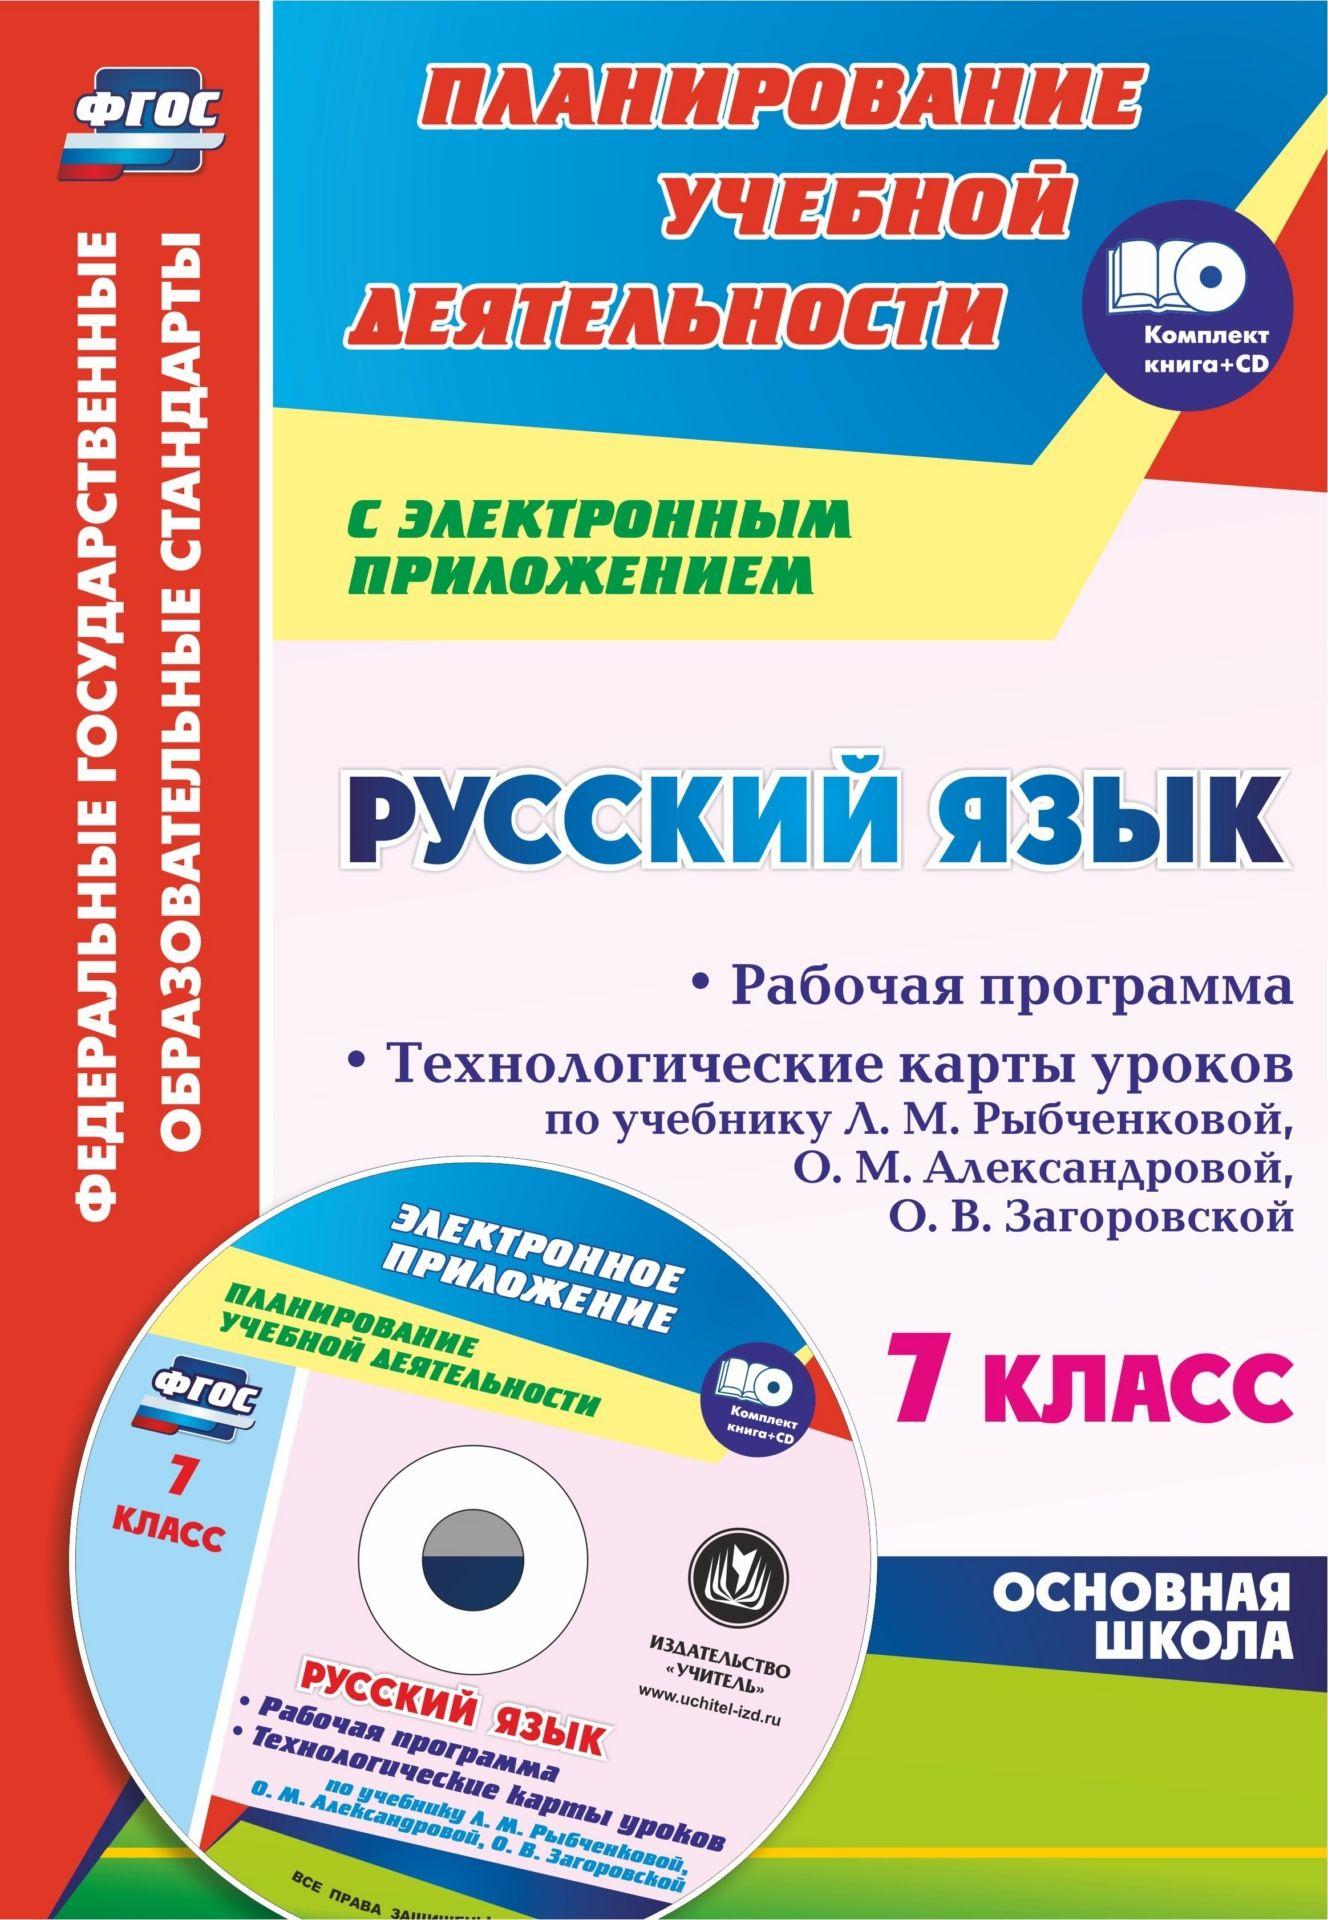 Киселёва, кн+Cd, Русский Язык, 7 кл, Рабочая программа и технол, карты Ур, по Уч, л, М, Ры